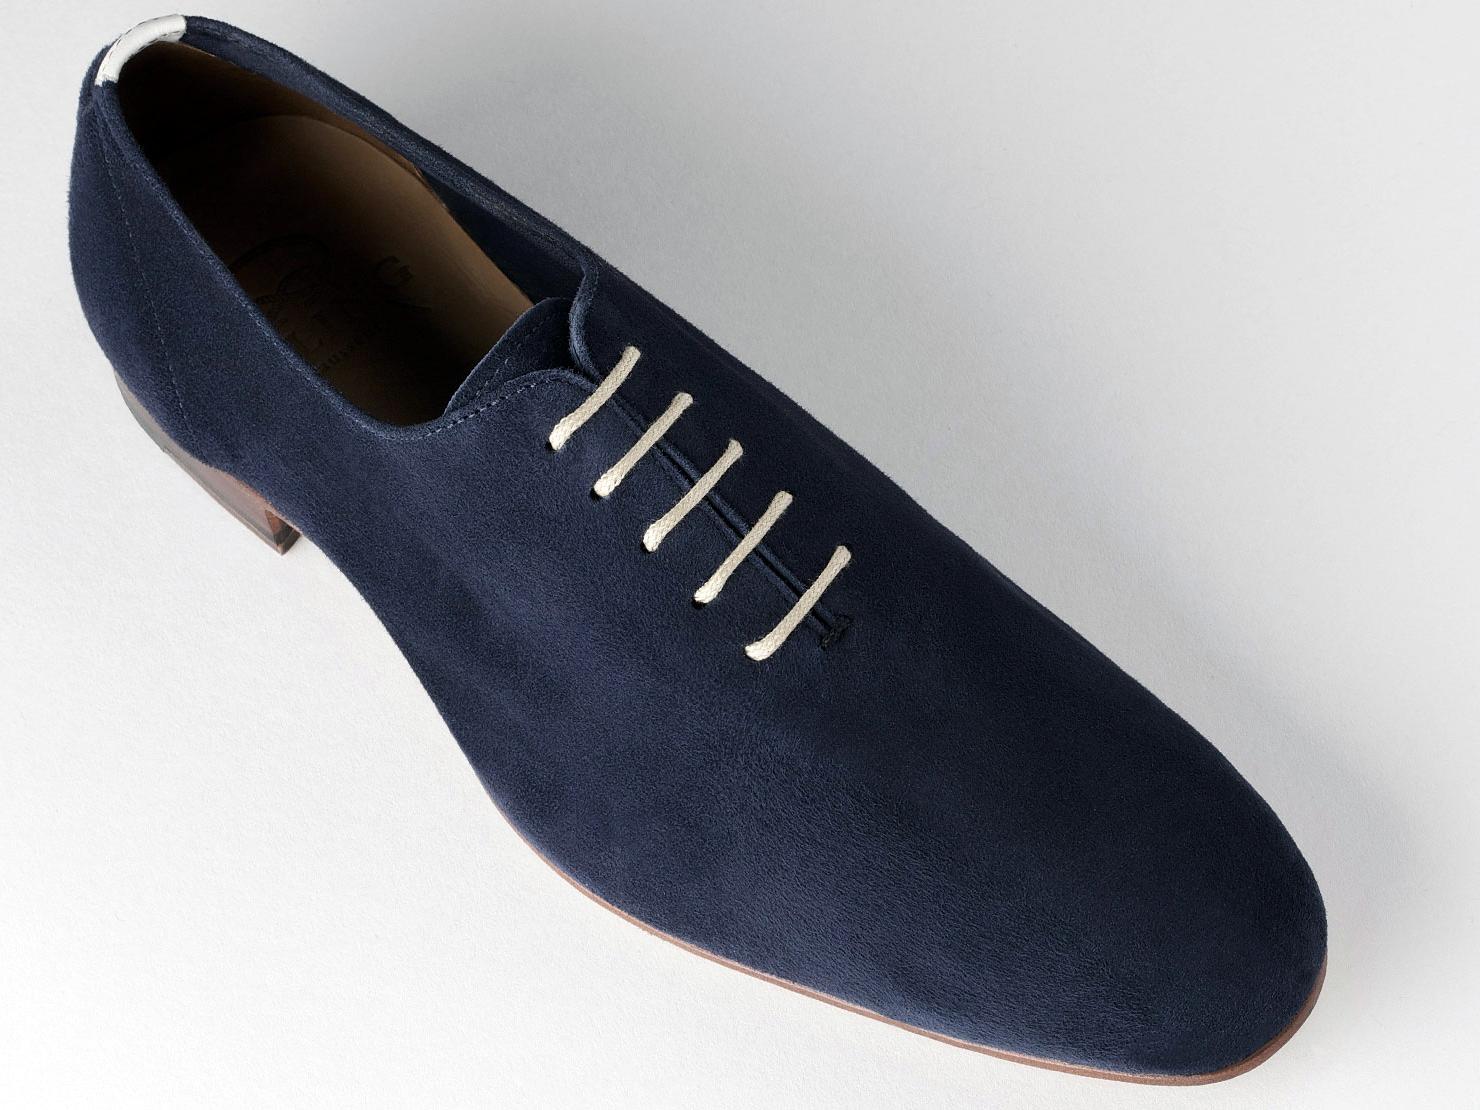 c638afed7c9d3e Chaussures de sport chic Marseille pour homme - Guide boutiques de ...